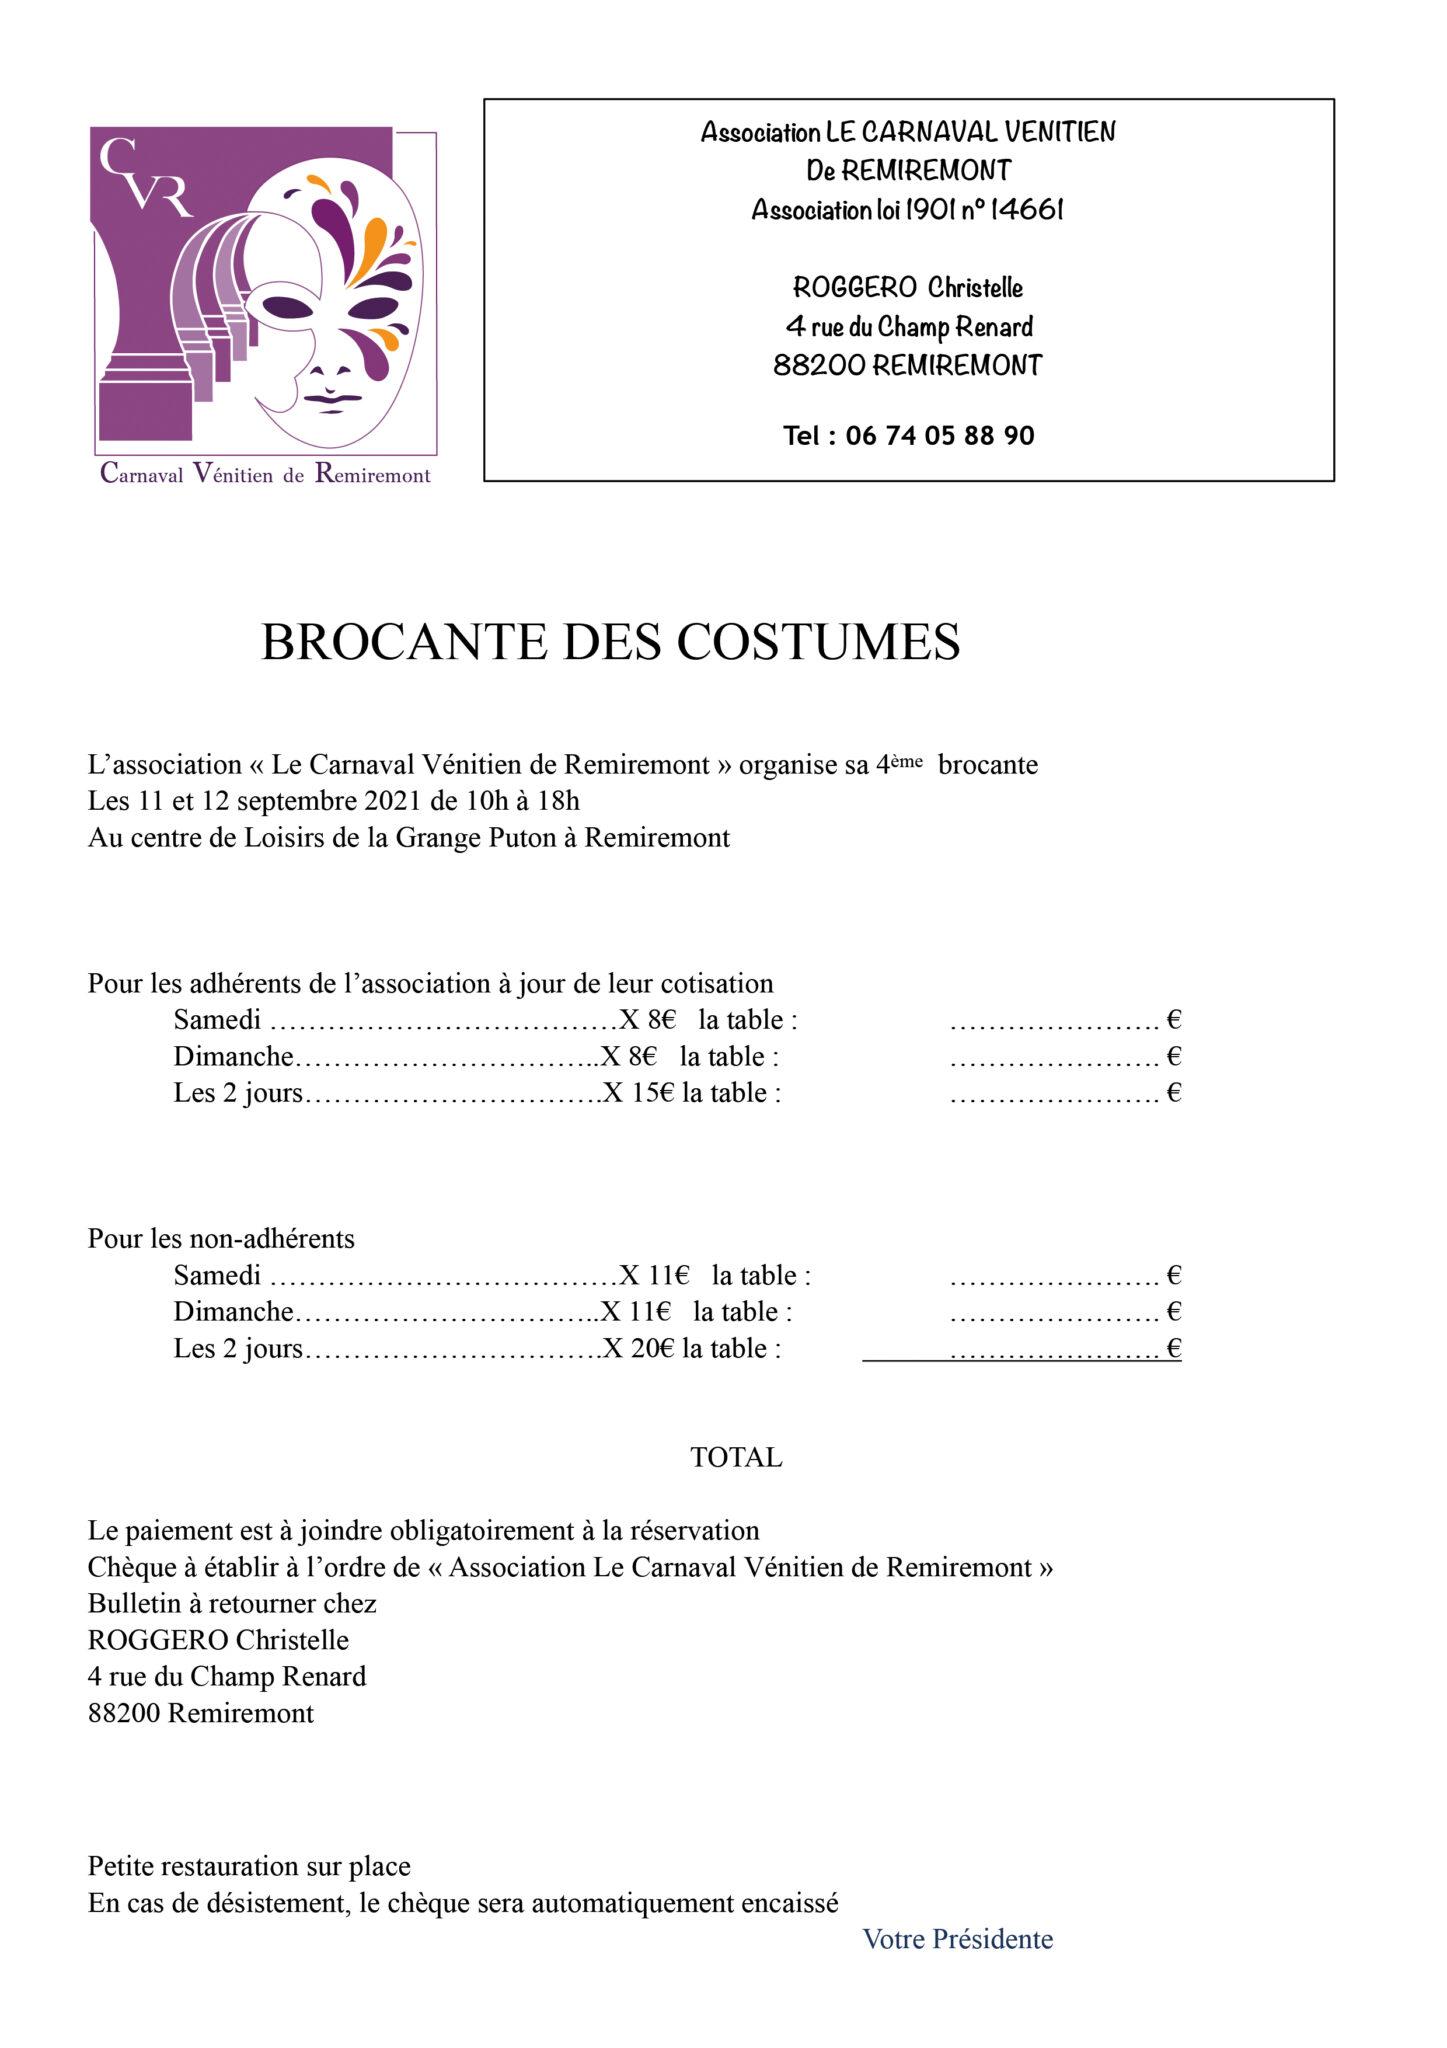 brocante-costumes-bulletin-inscription-2021-carnaval-venitien-remiremont